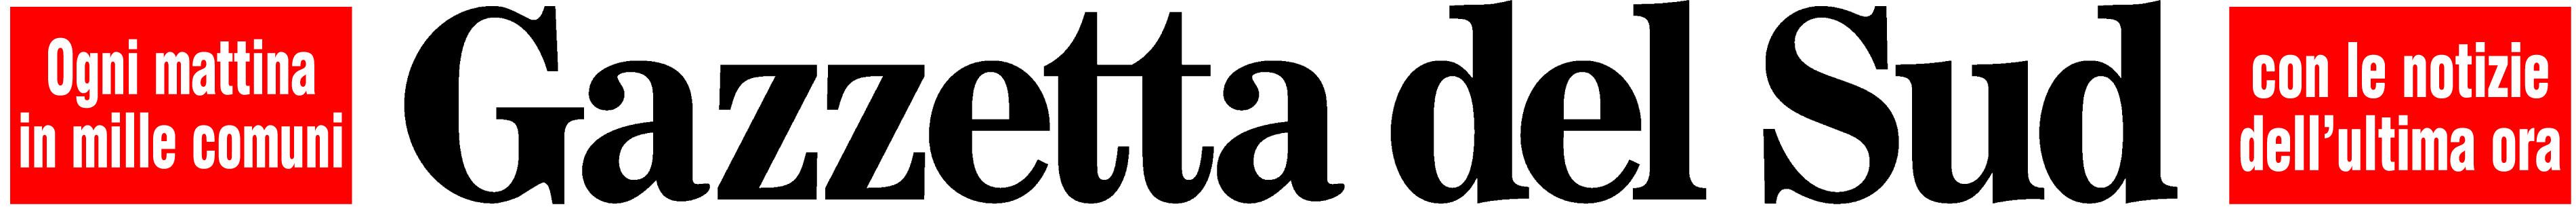 logo gazzetta